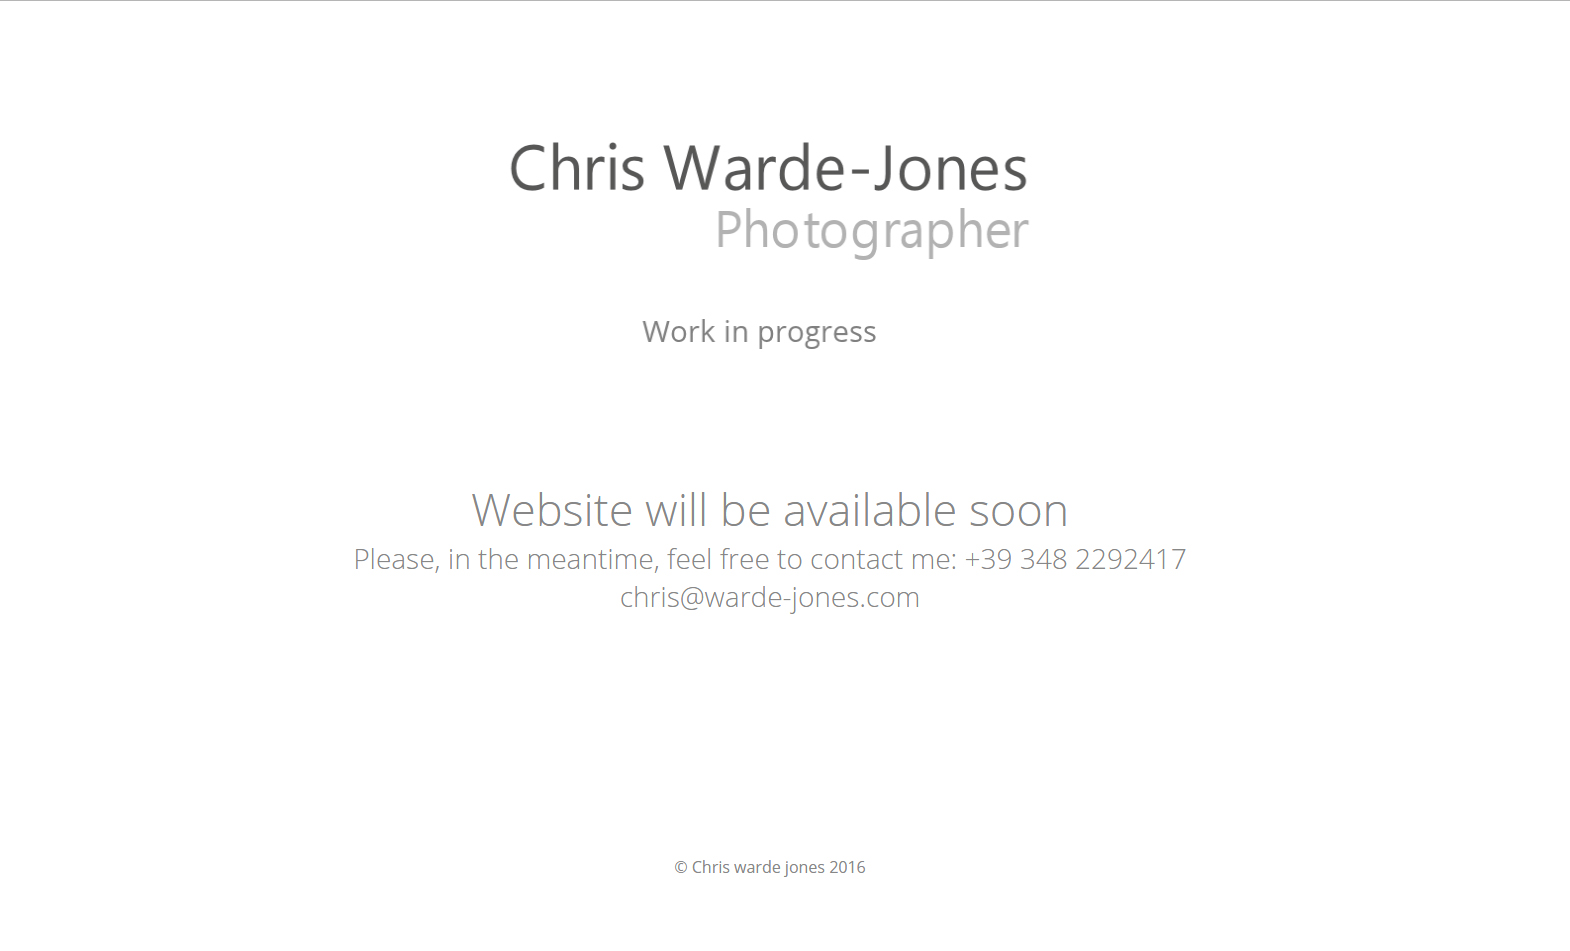 Chris Warde-Jones